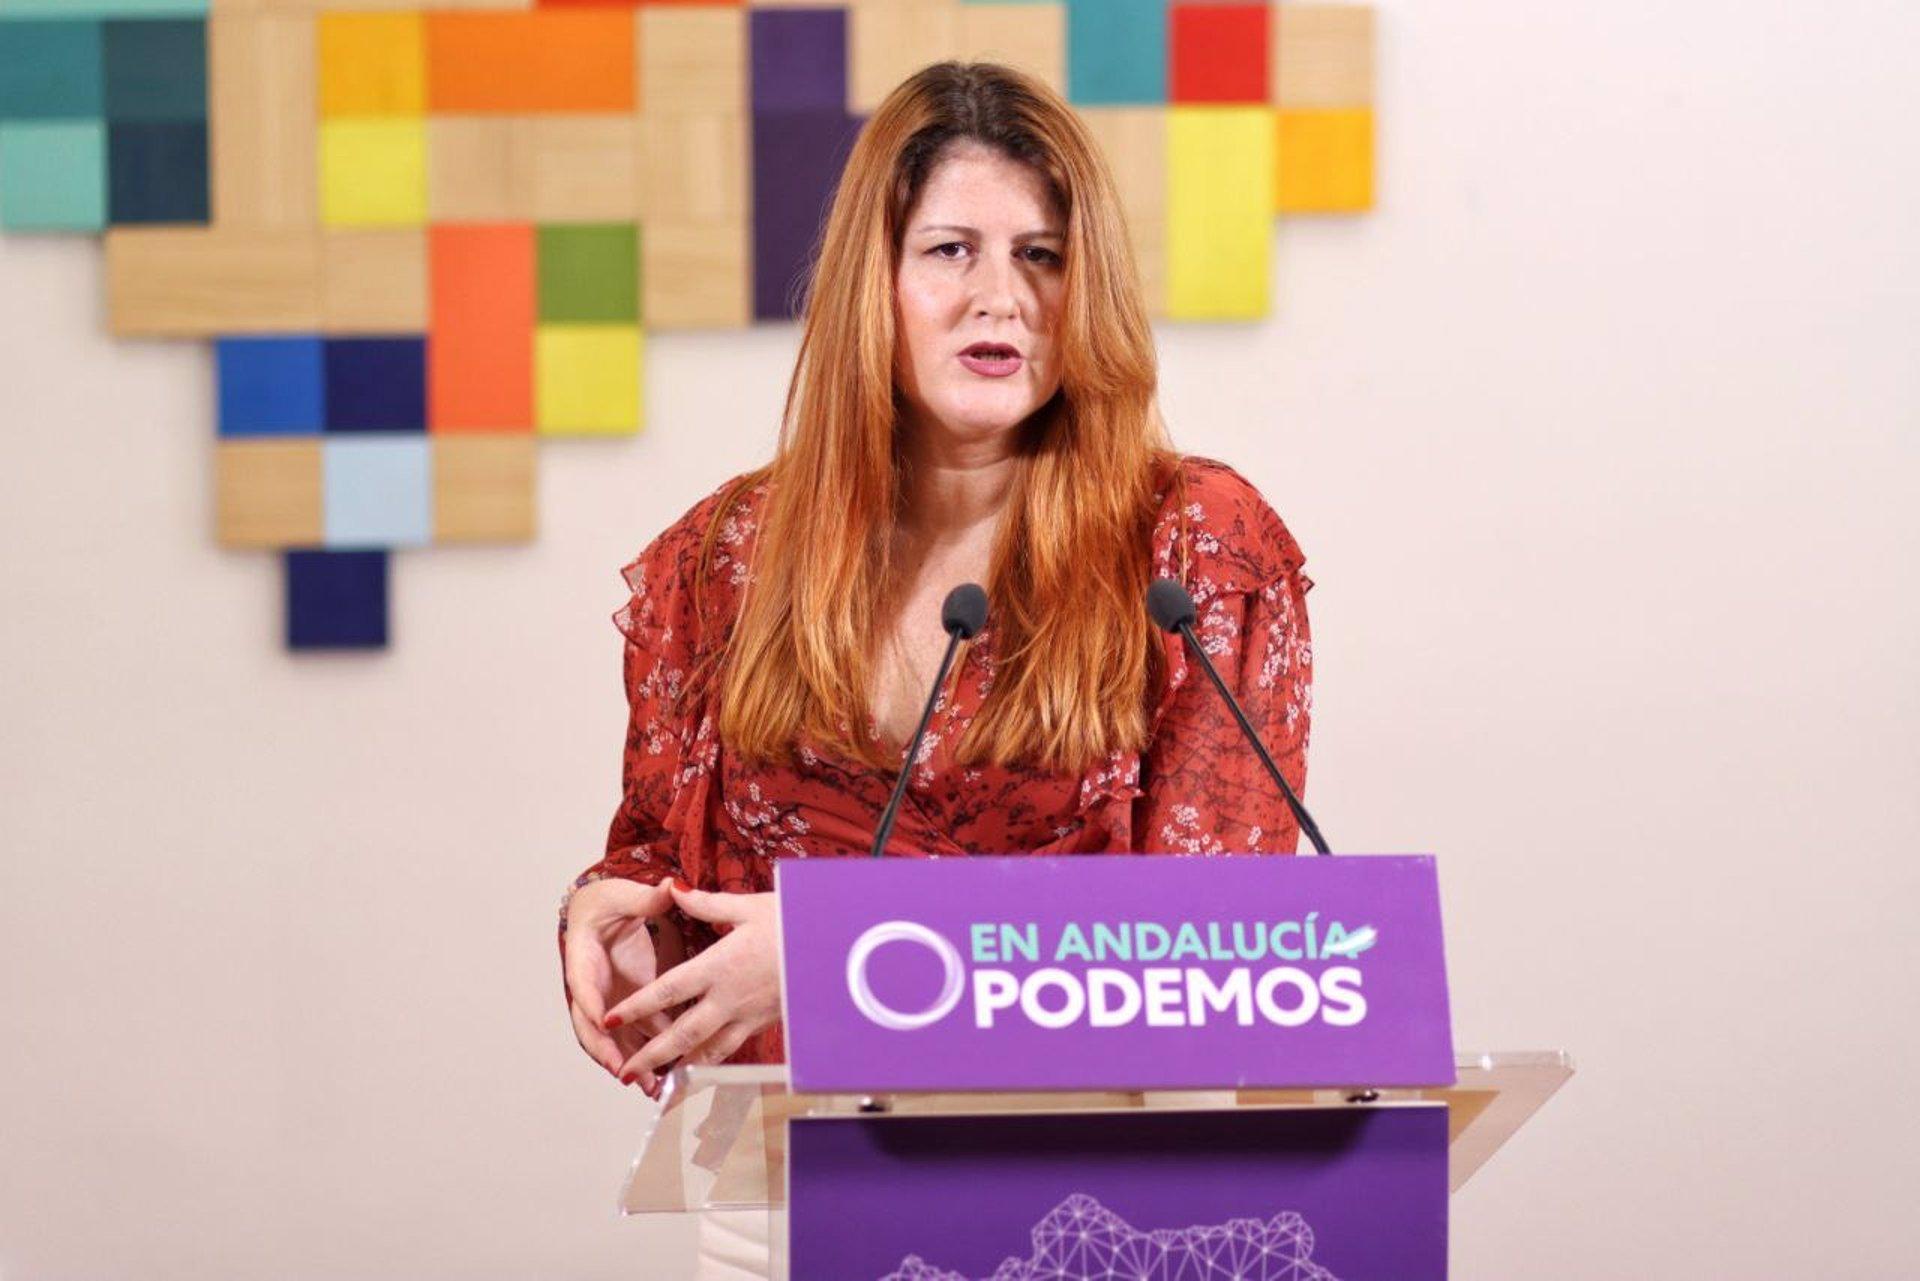 Podemos pide a Moreno que «rectifique y de marcha atrás con su proyecto de dudosa legalidad para espiar a funcionarios»